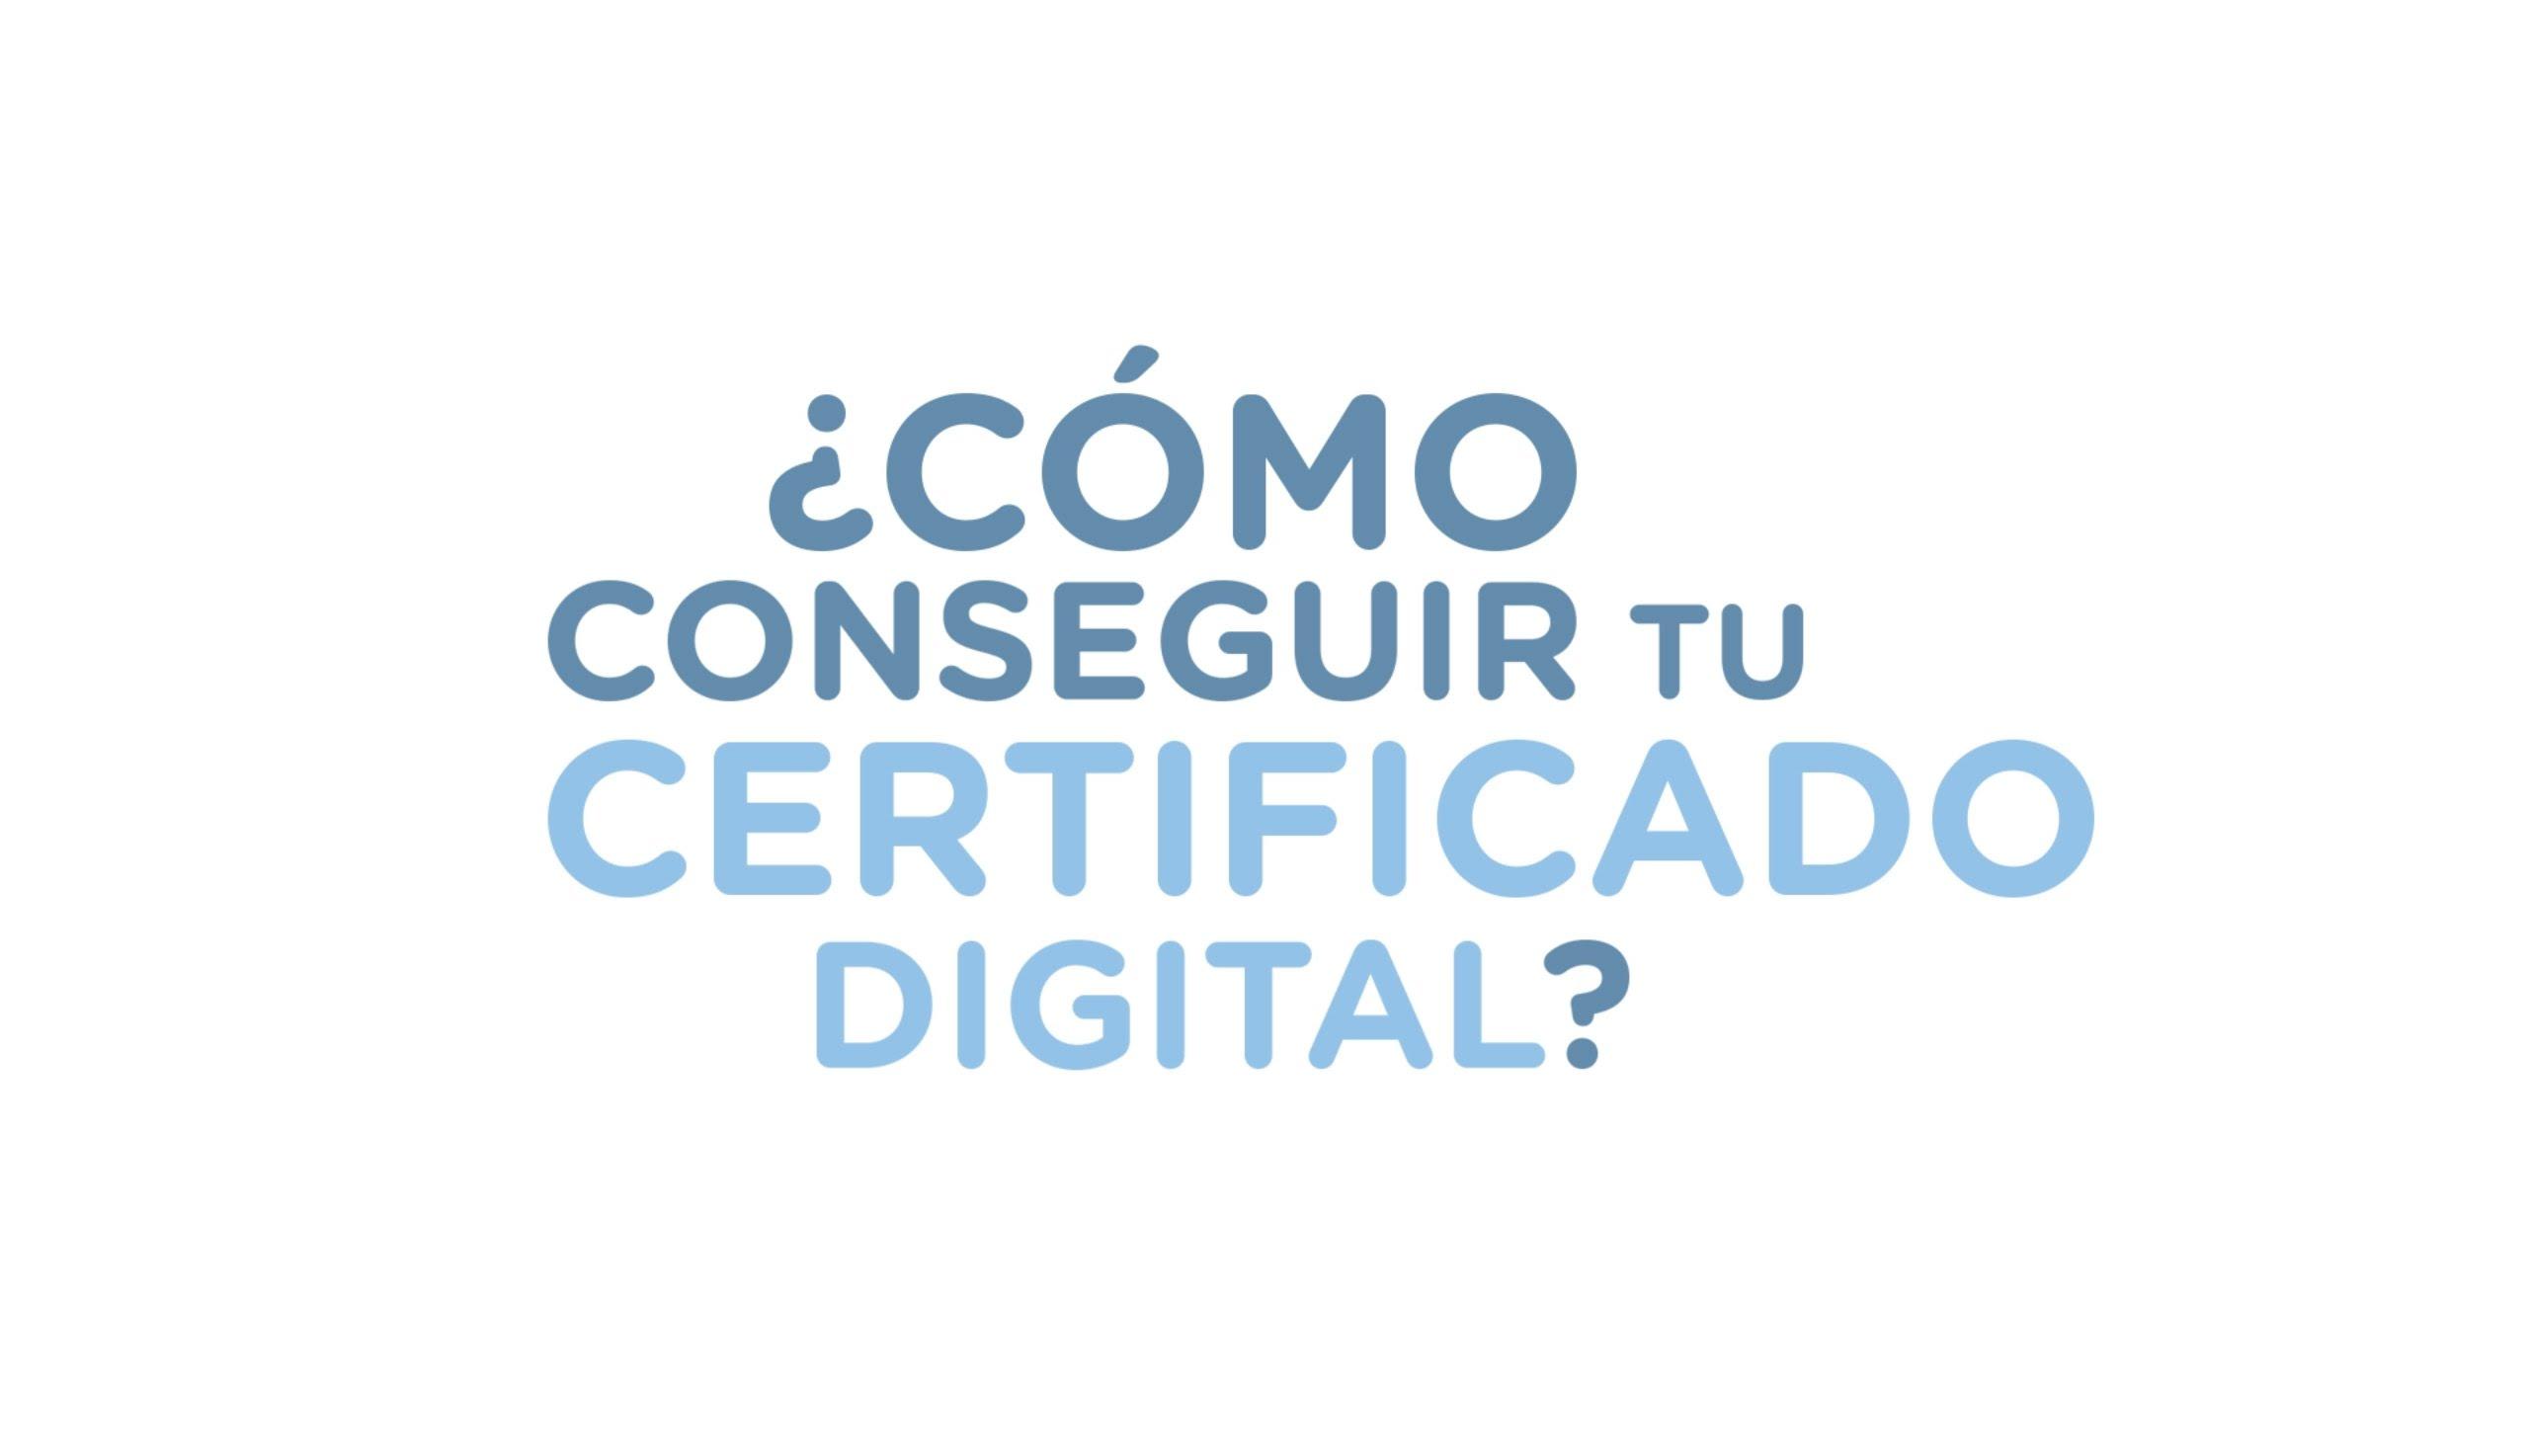 Prestaci n econ mica por menor a cargo vigo en familia - Oficinas certificado digital ...